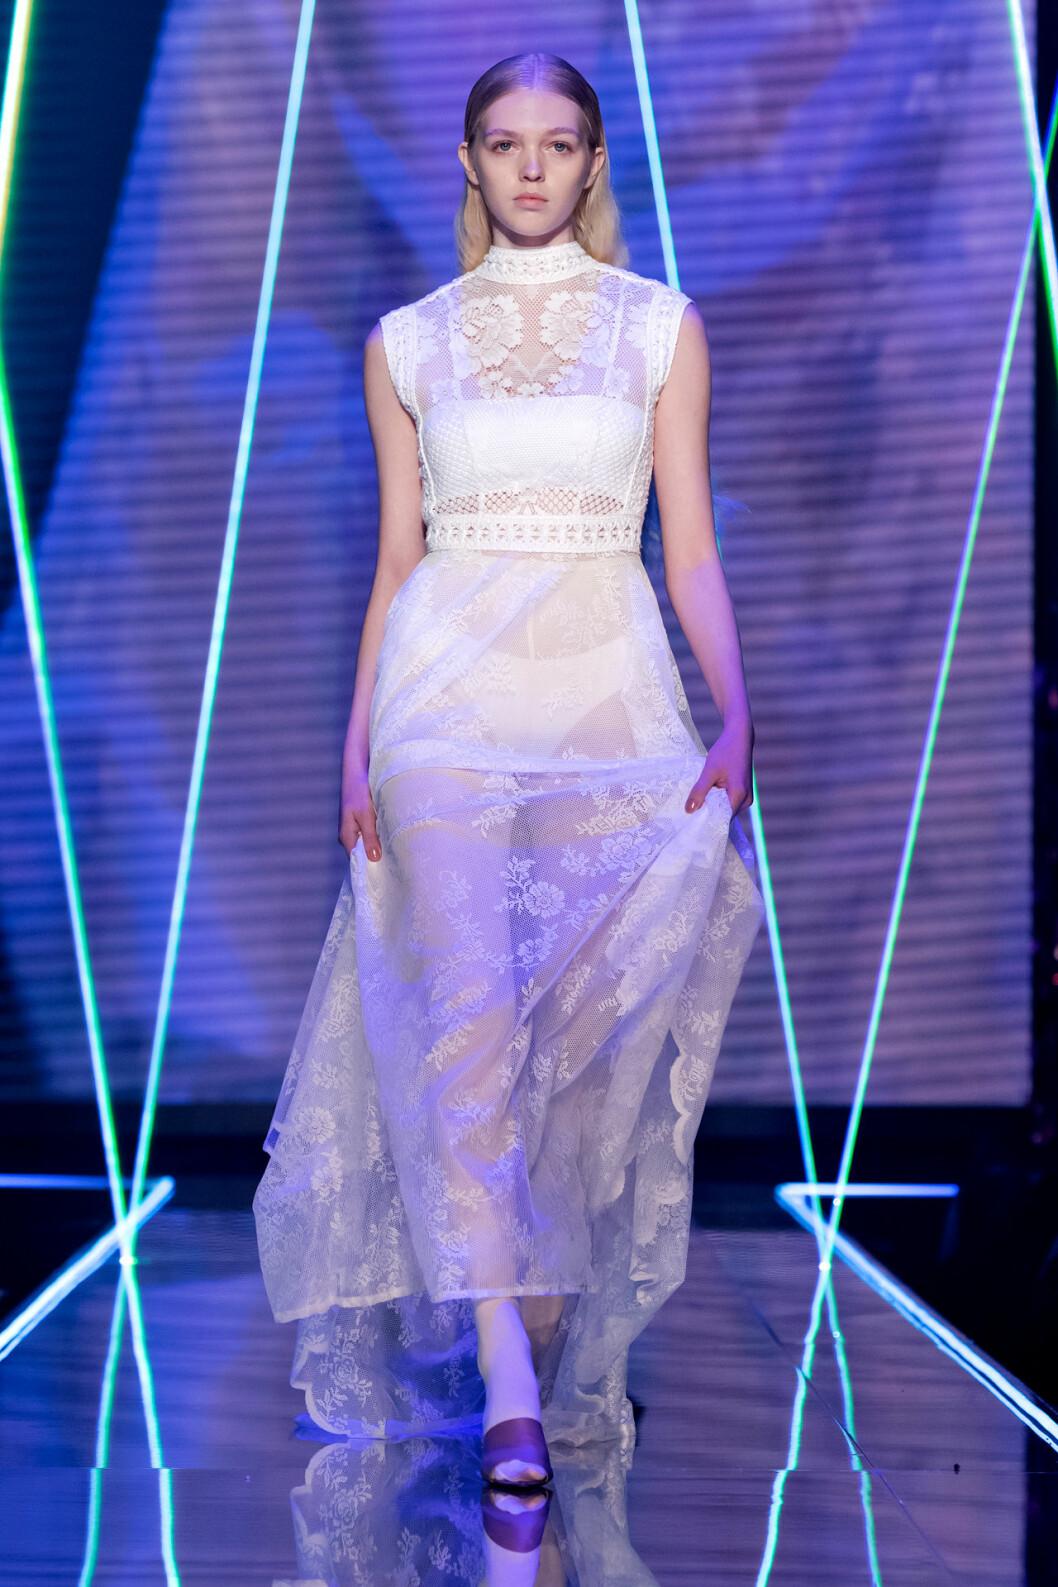 Lätt transparent spetsklänning i vitt från visningen av årets nykomling Amanda Borgfors Mészáros.